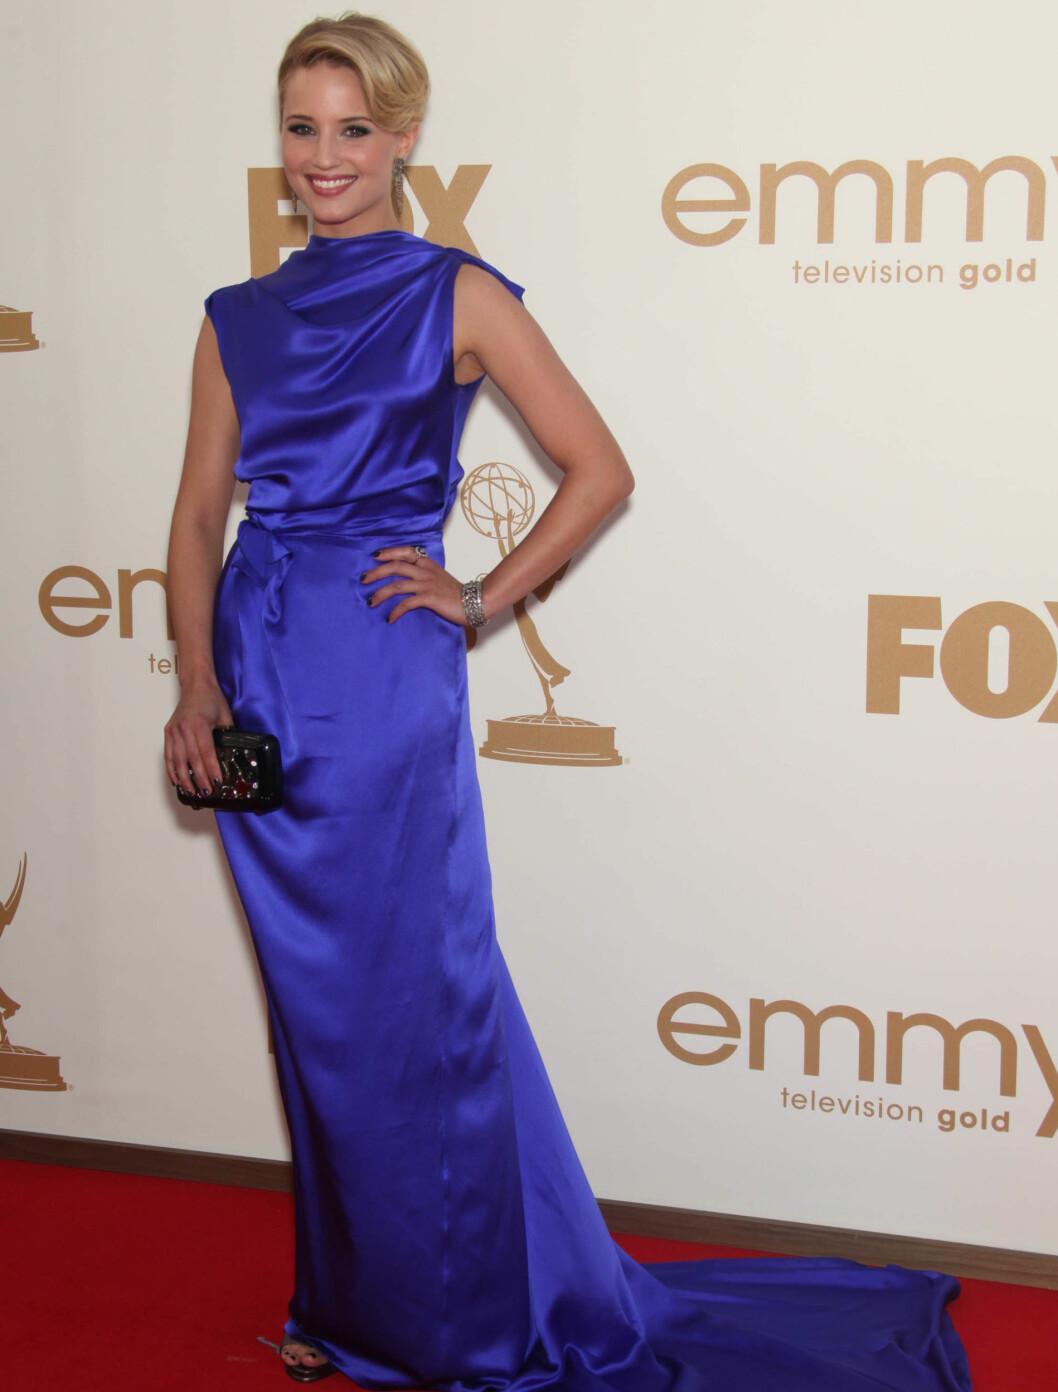 <strong>SMILTE:</strong> Dianna Agron i en kjole fra Rocksanda Ilincic. Foto: Stella Pictures